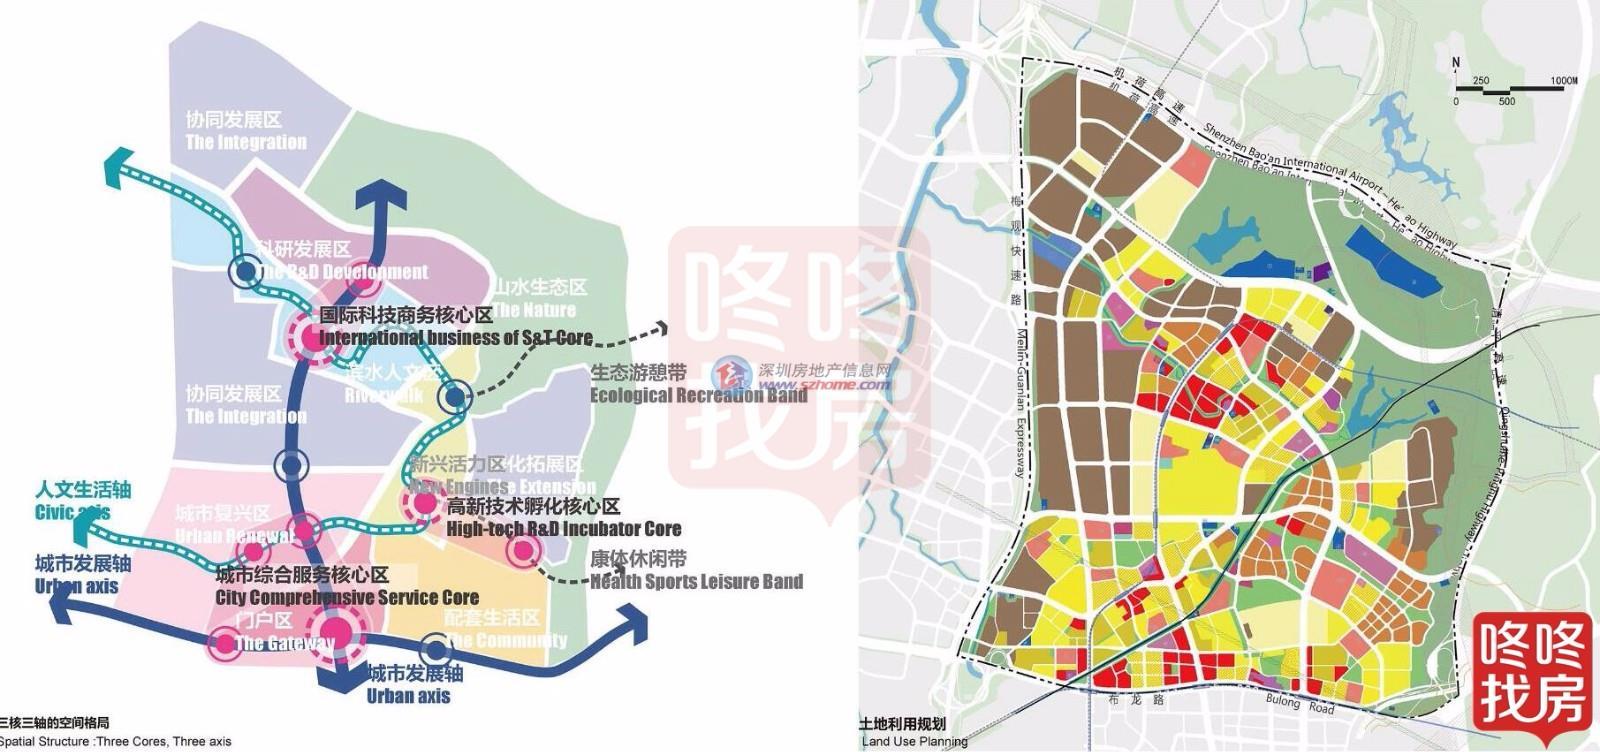 坂雪岗科技城的规划设计方案.jpg